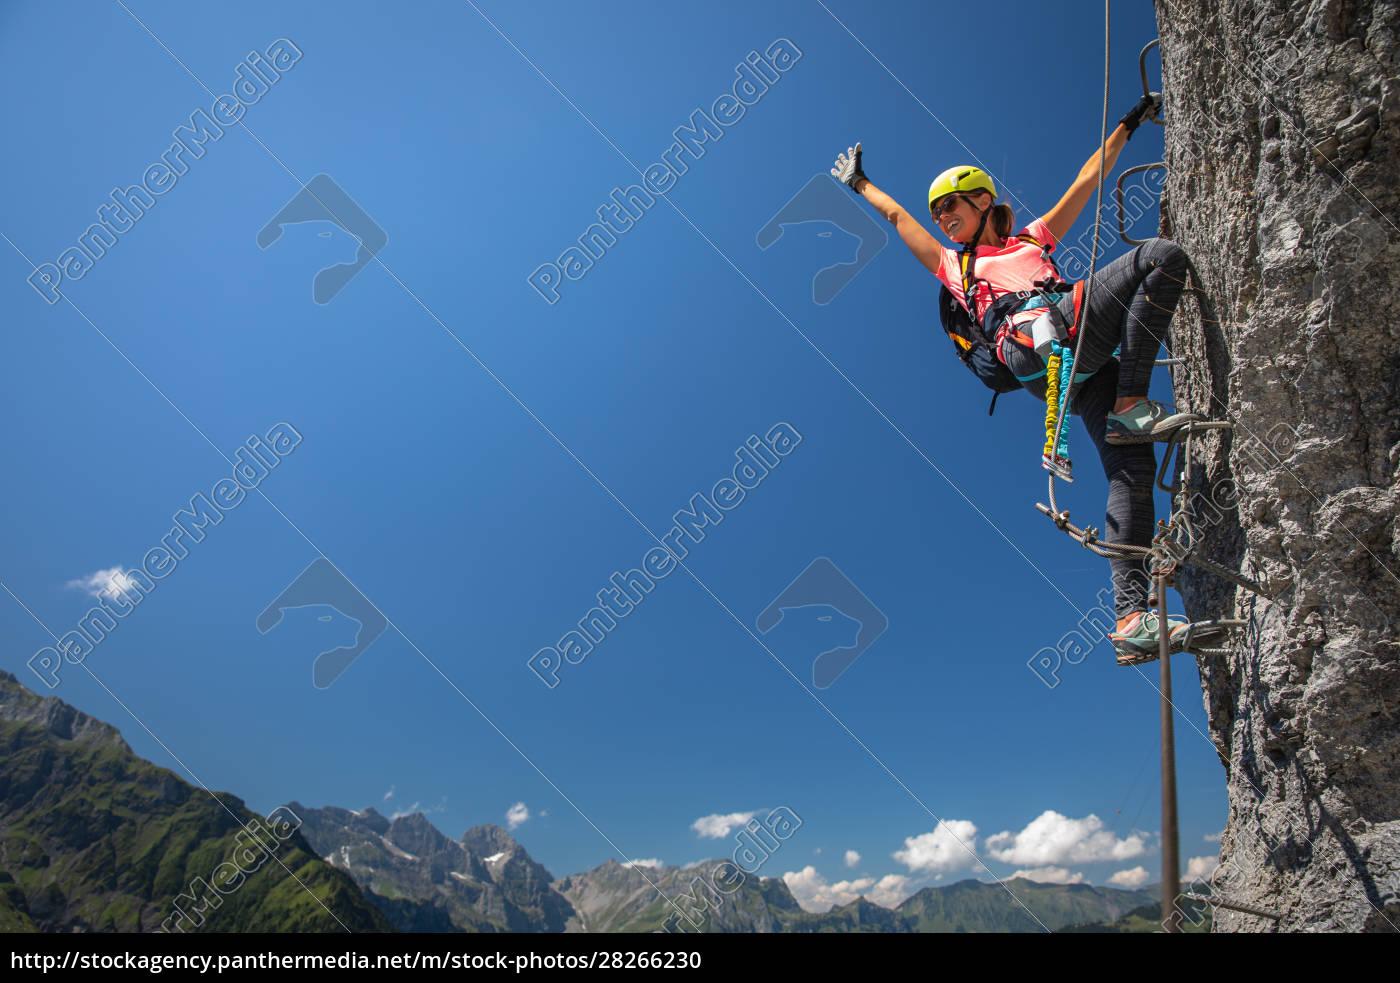 pretty, , female, climber, on, a, via - 28266230